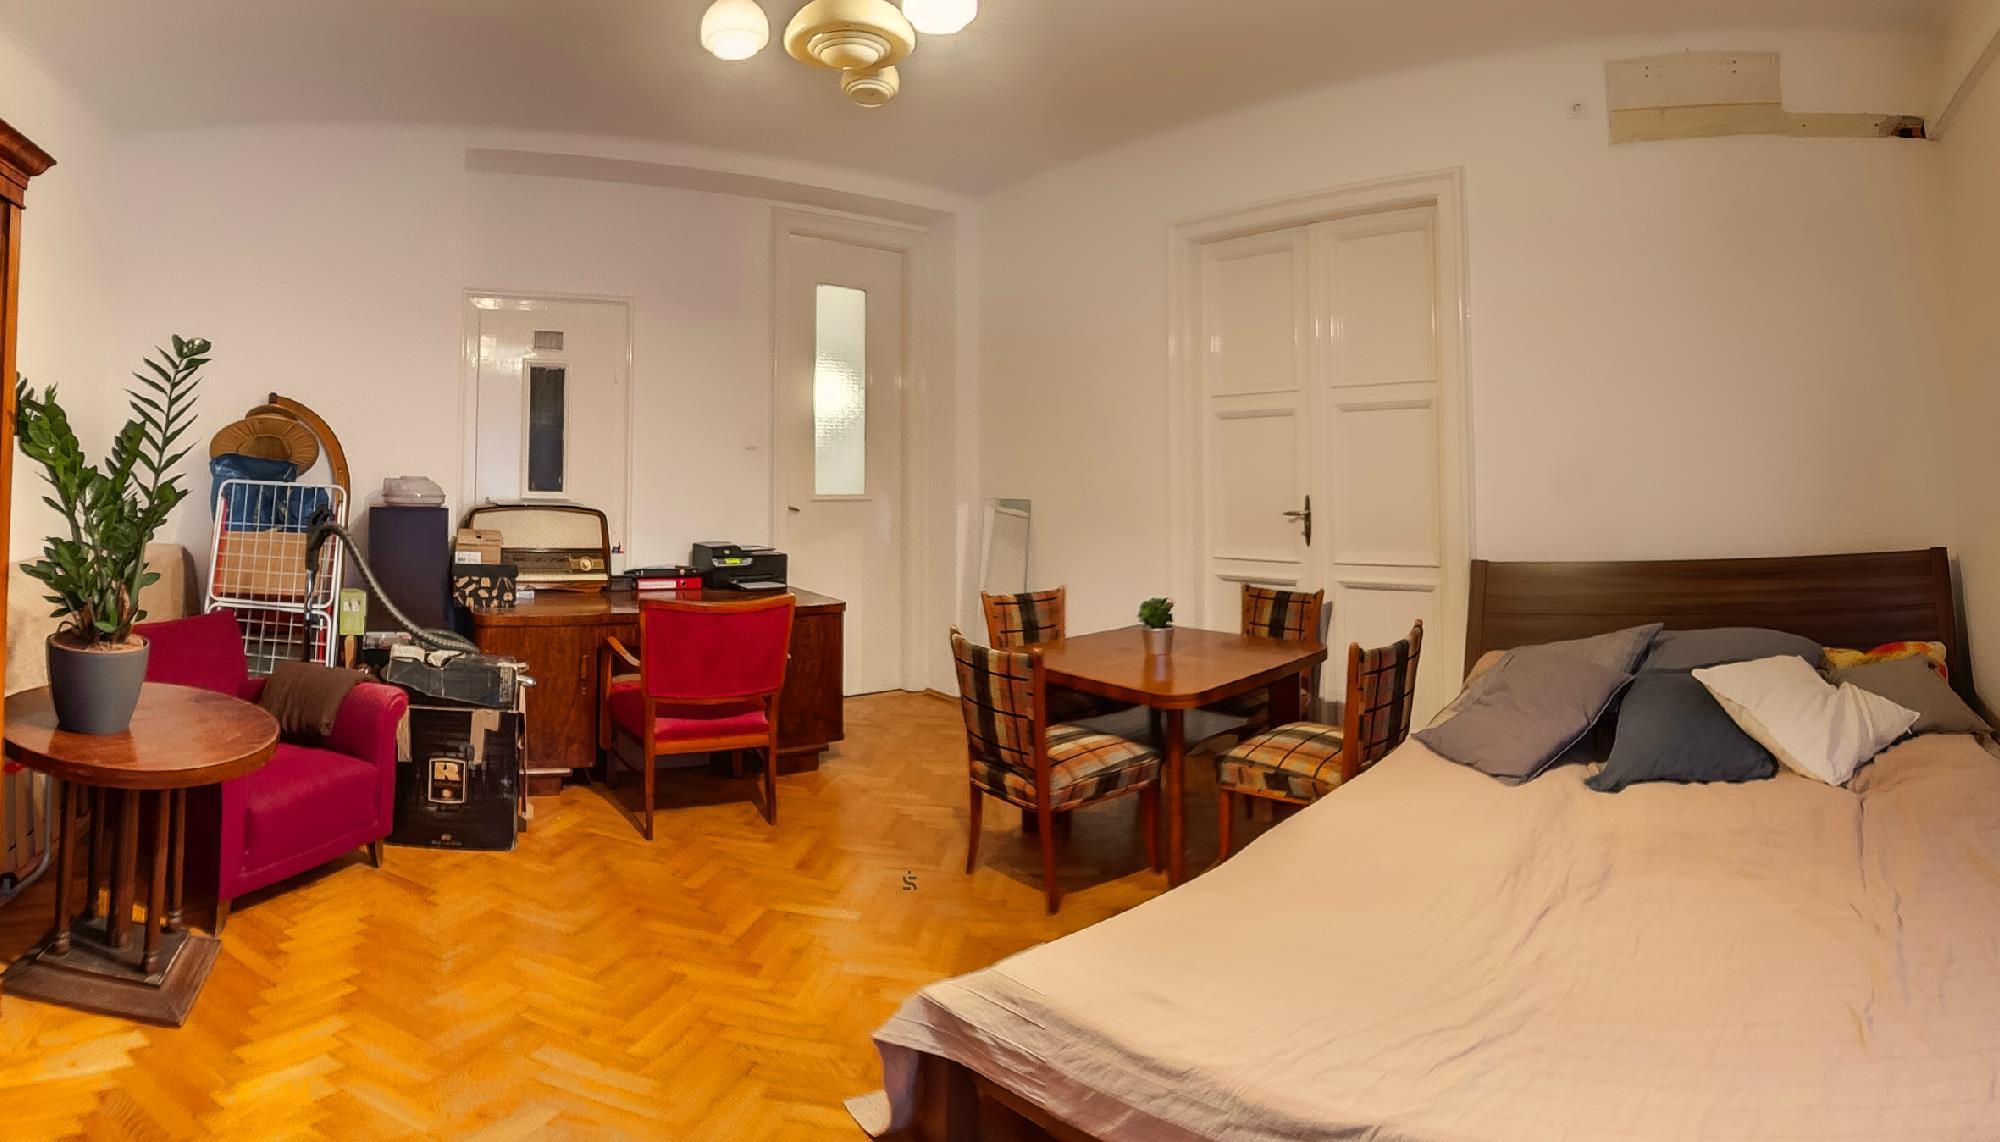 Ingatlanséta - Eladó ingatlan Budapest 13 1823867